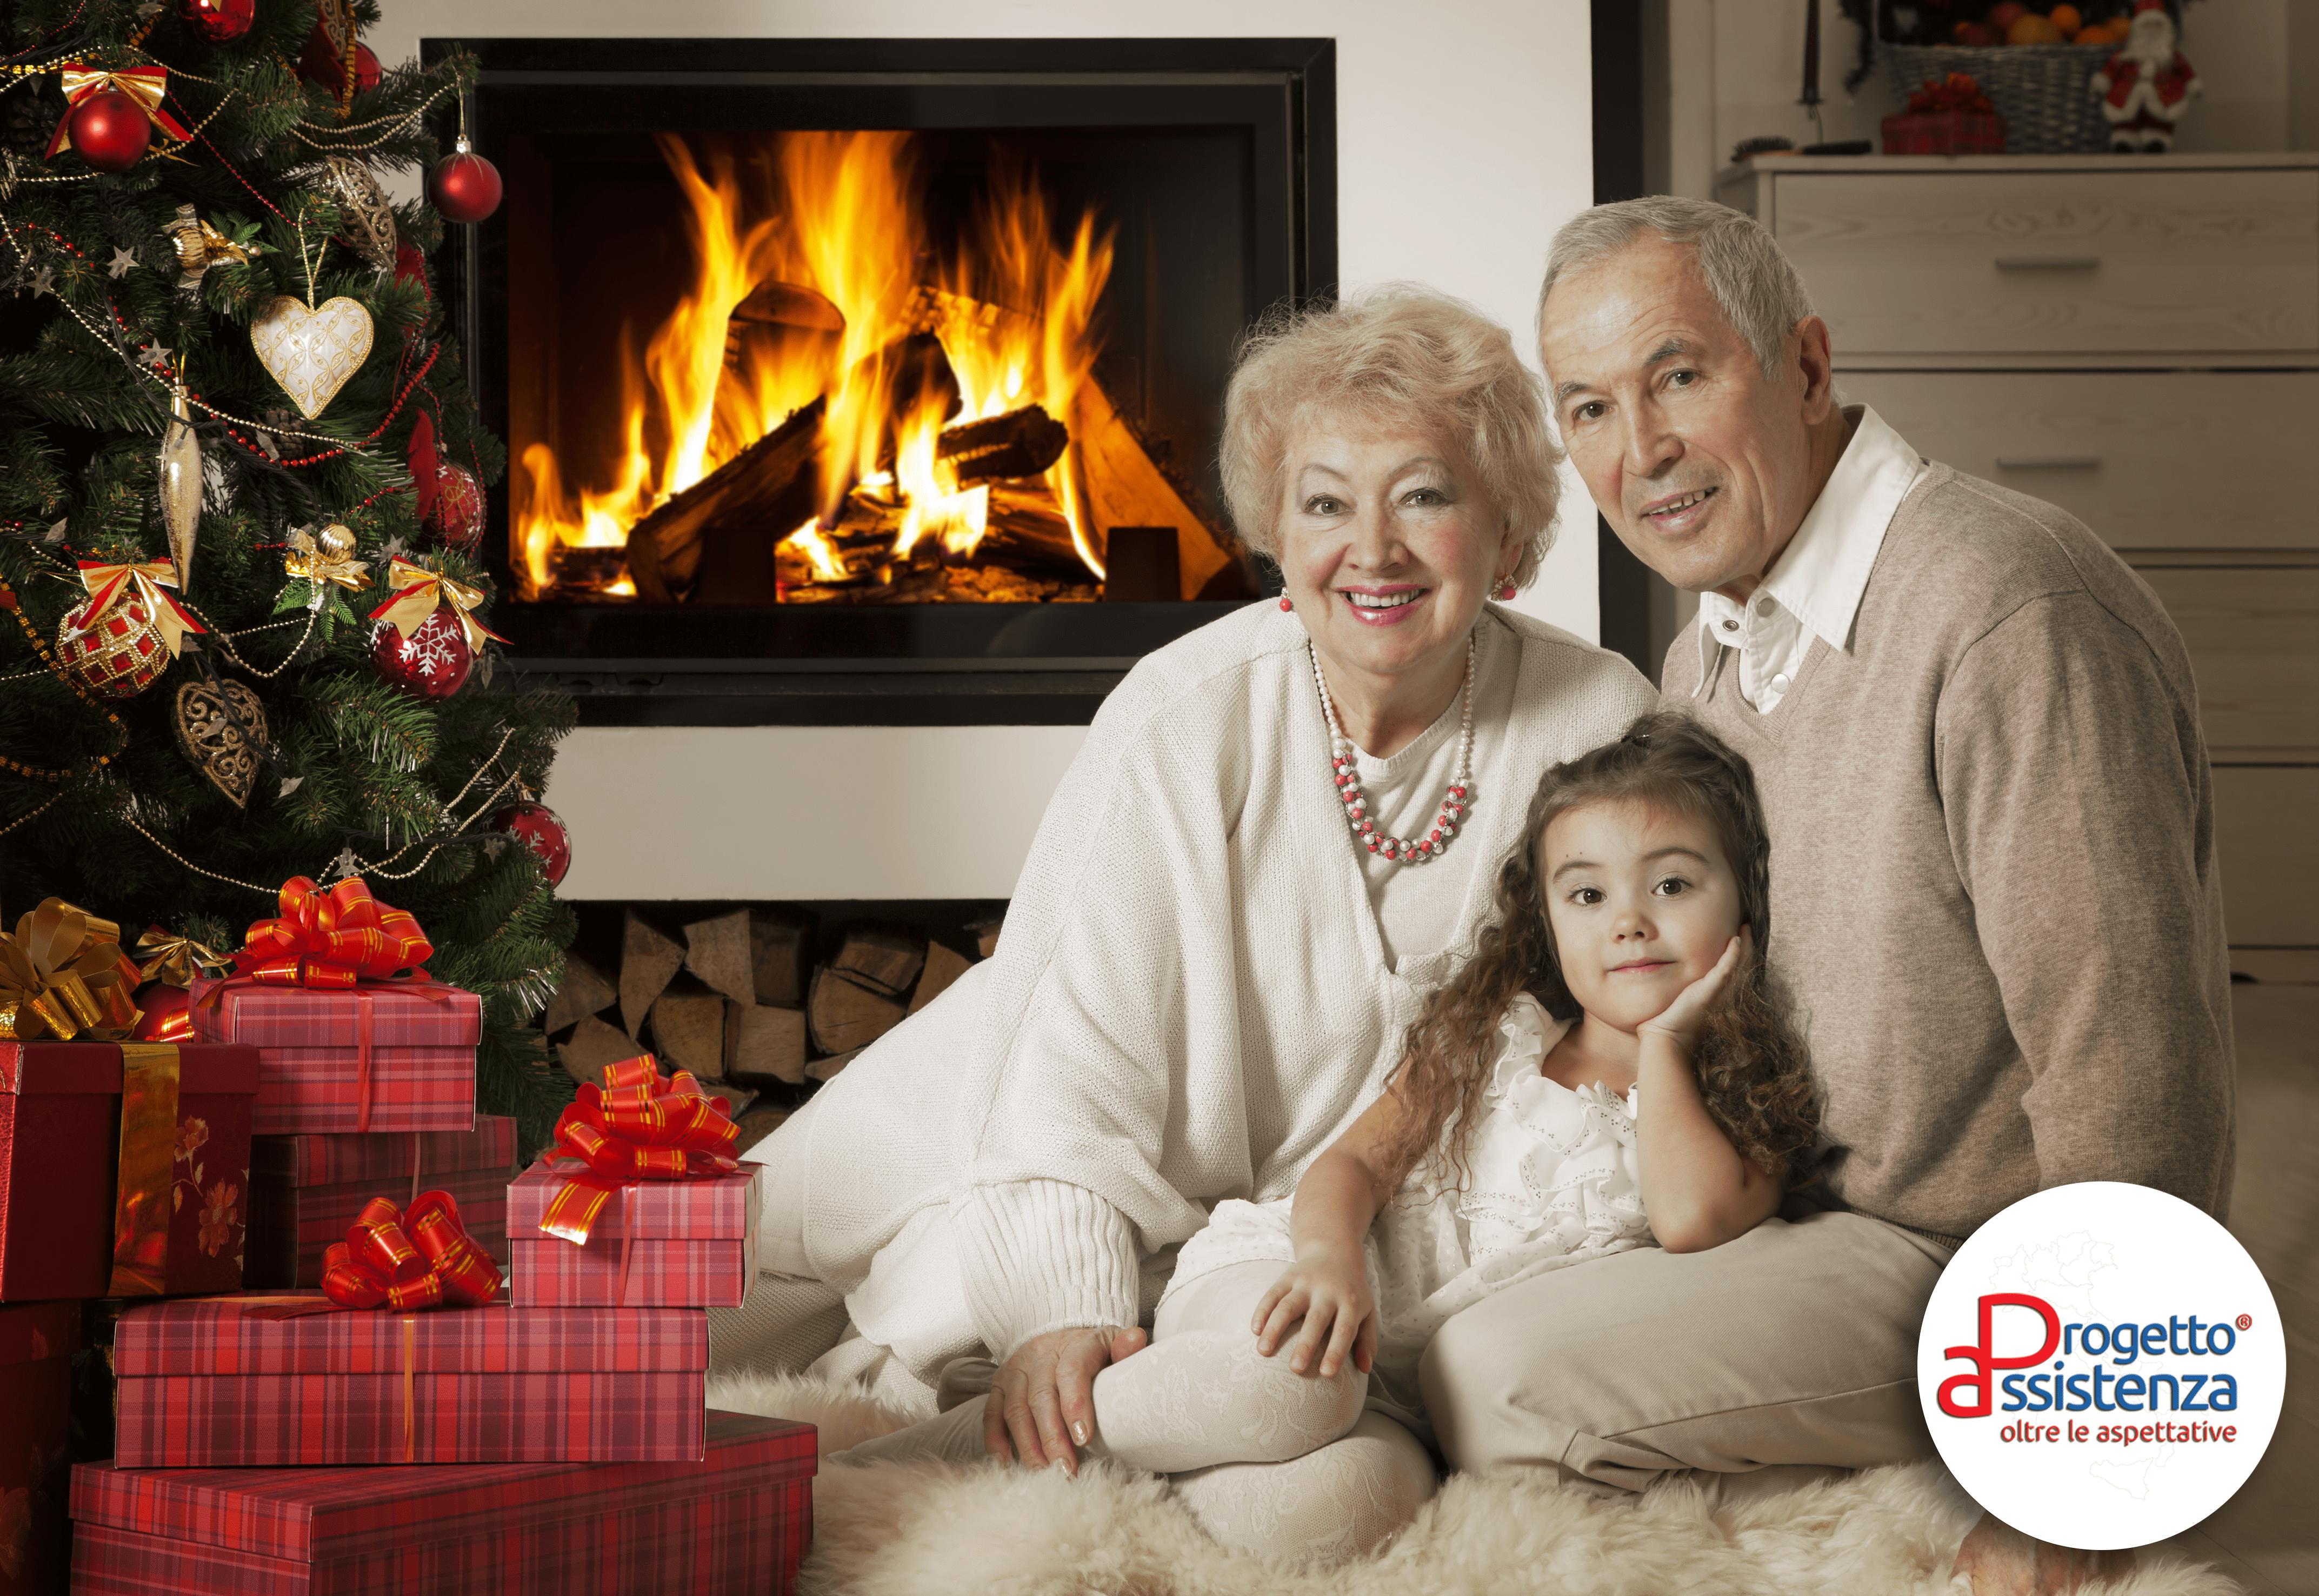 Natale: Progetto Assistenza garantisce i servizi di assistenza domiciliare per tutte le Feste